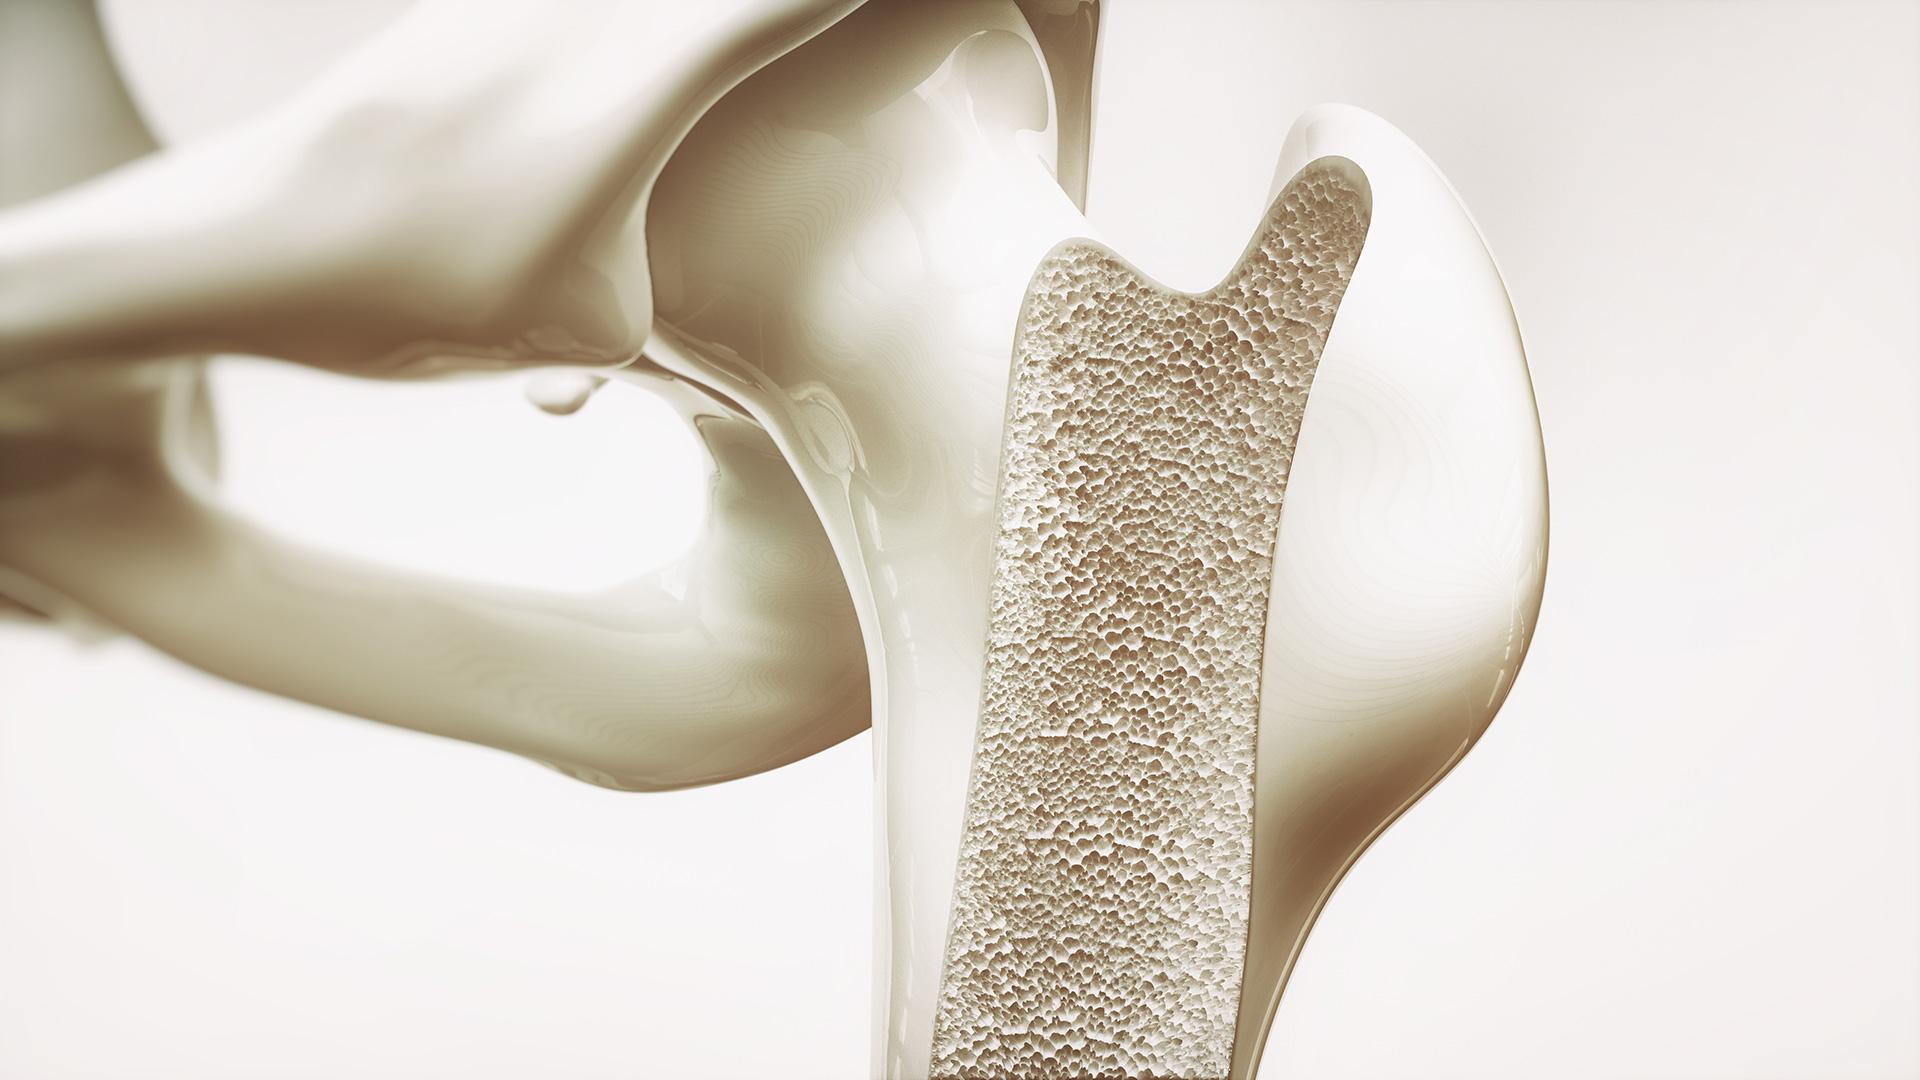 Cuando el tejido de los huesos comienza a debilitarse, hay una baja densidad ósea